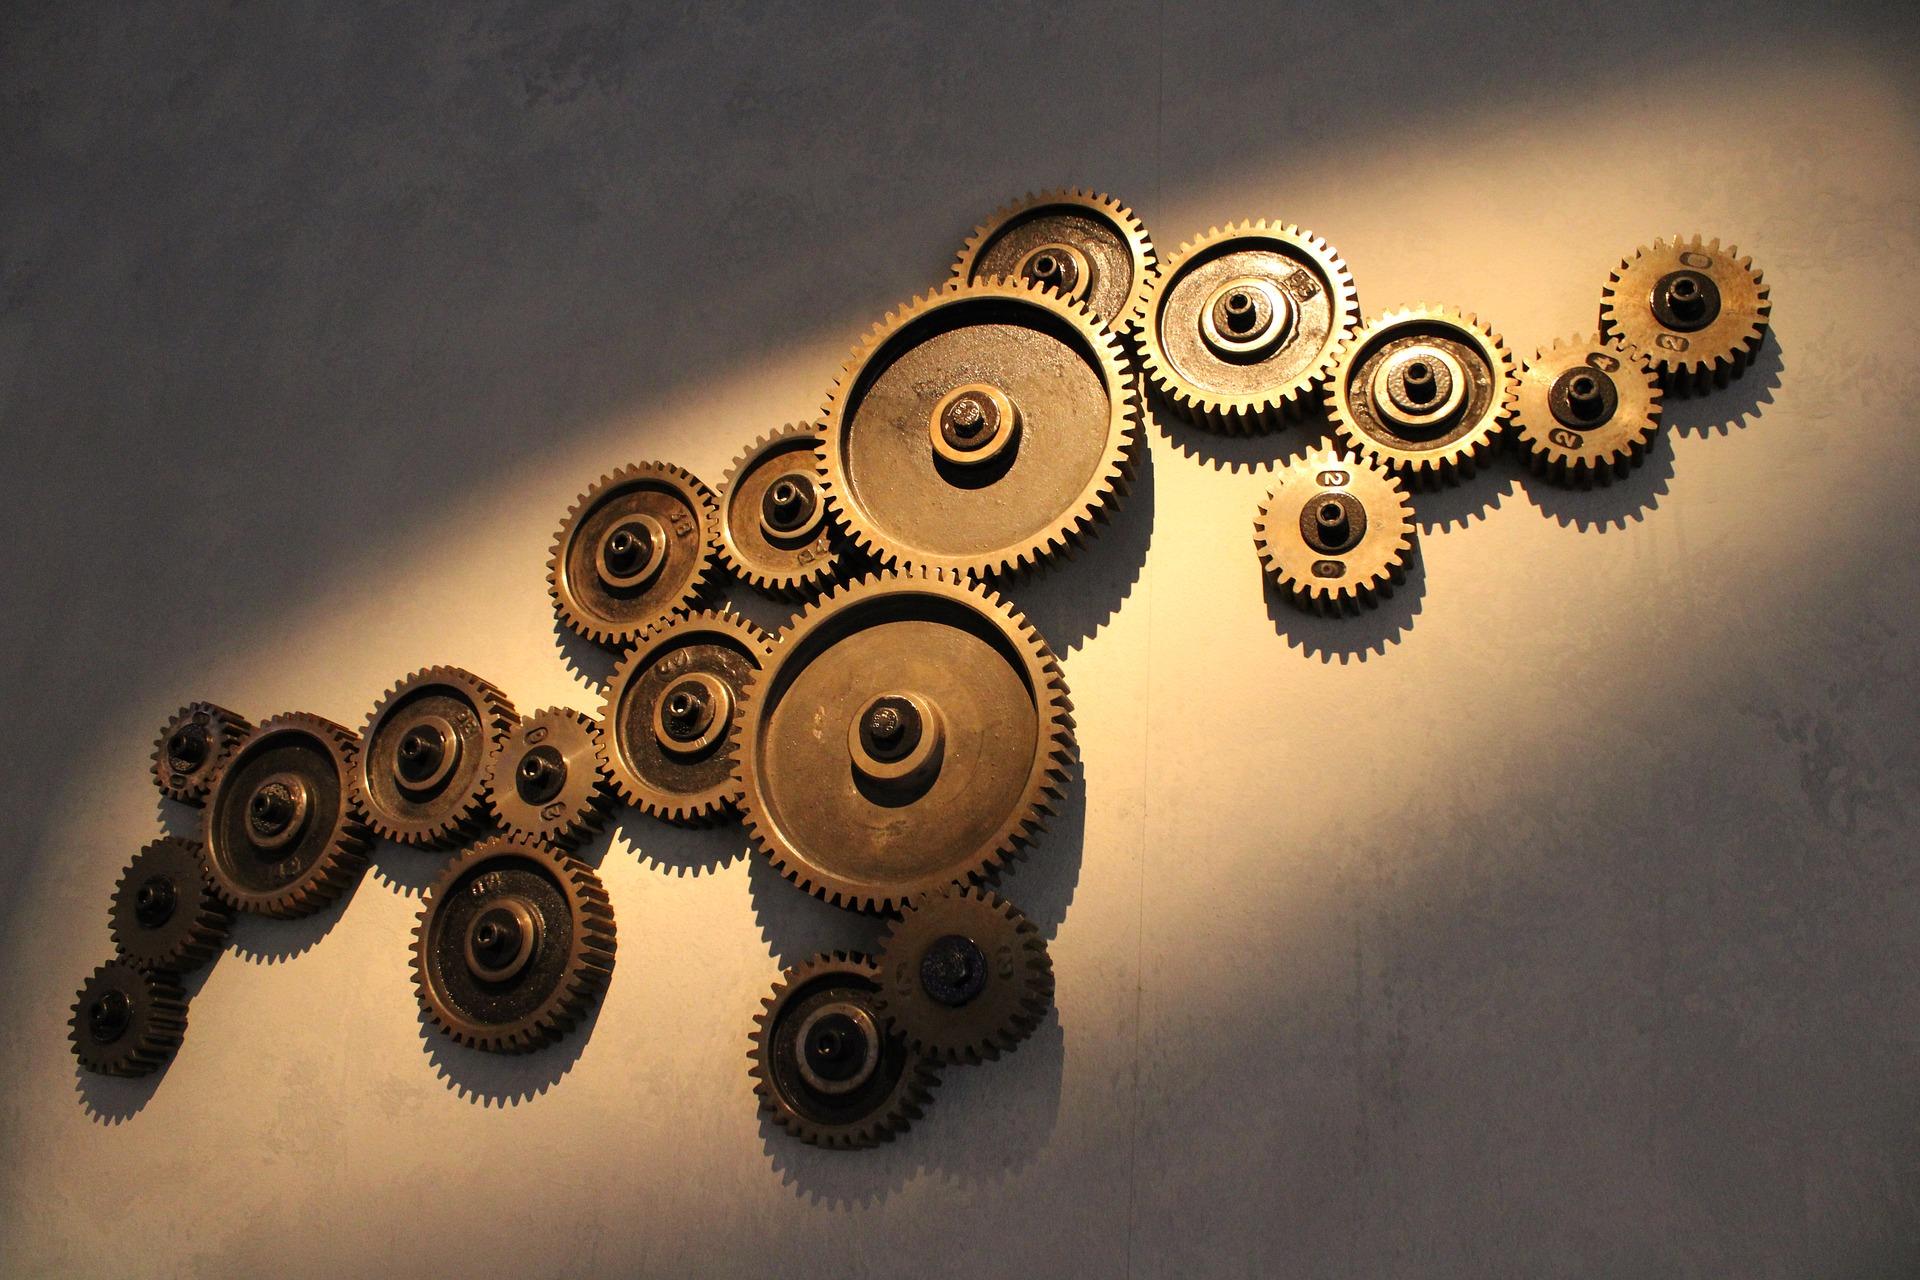 gears-4191907_1920